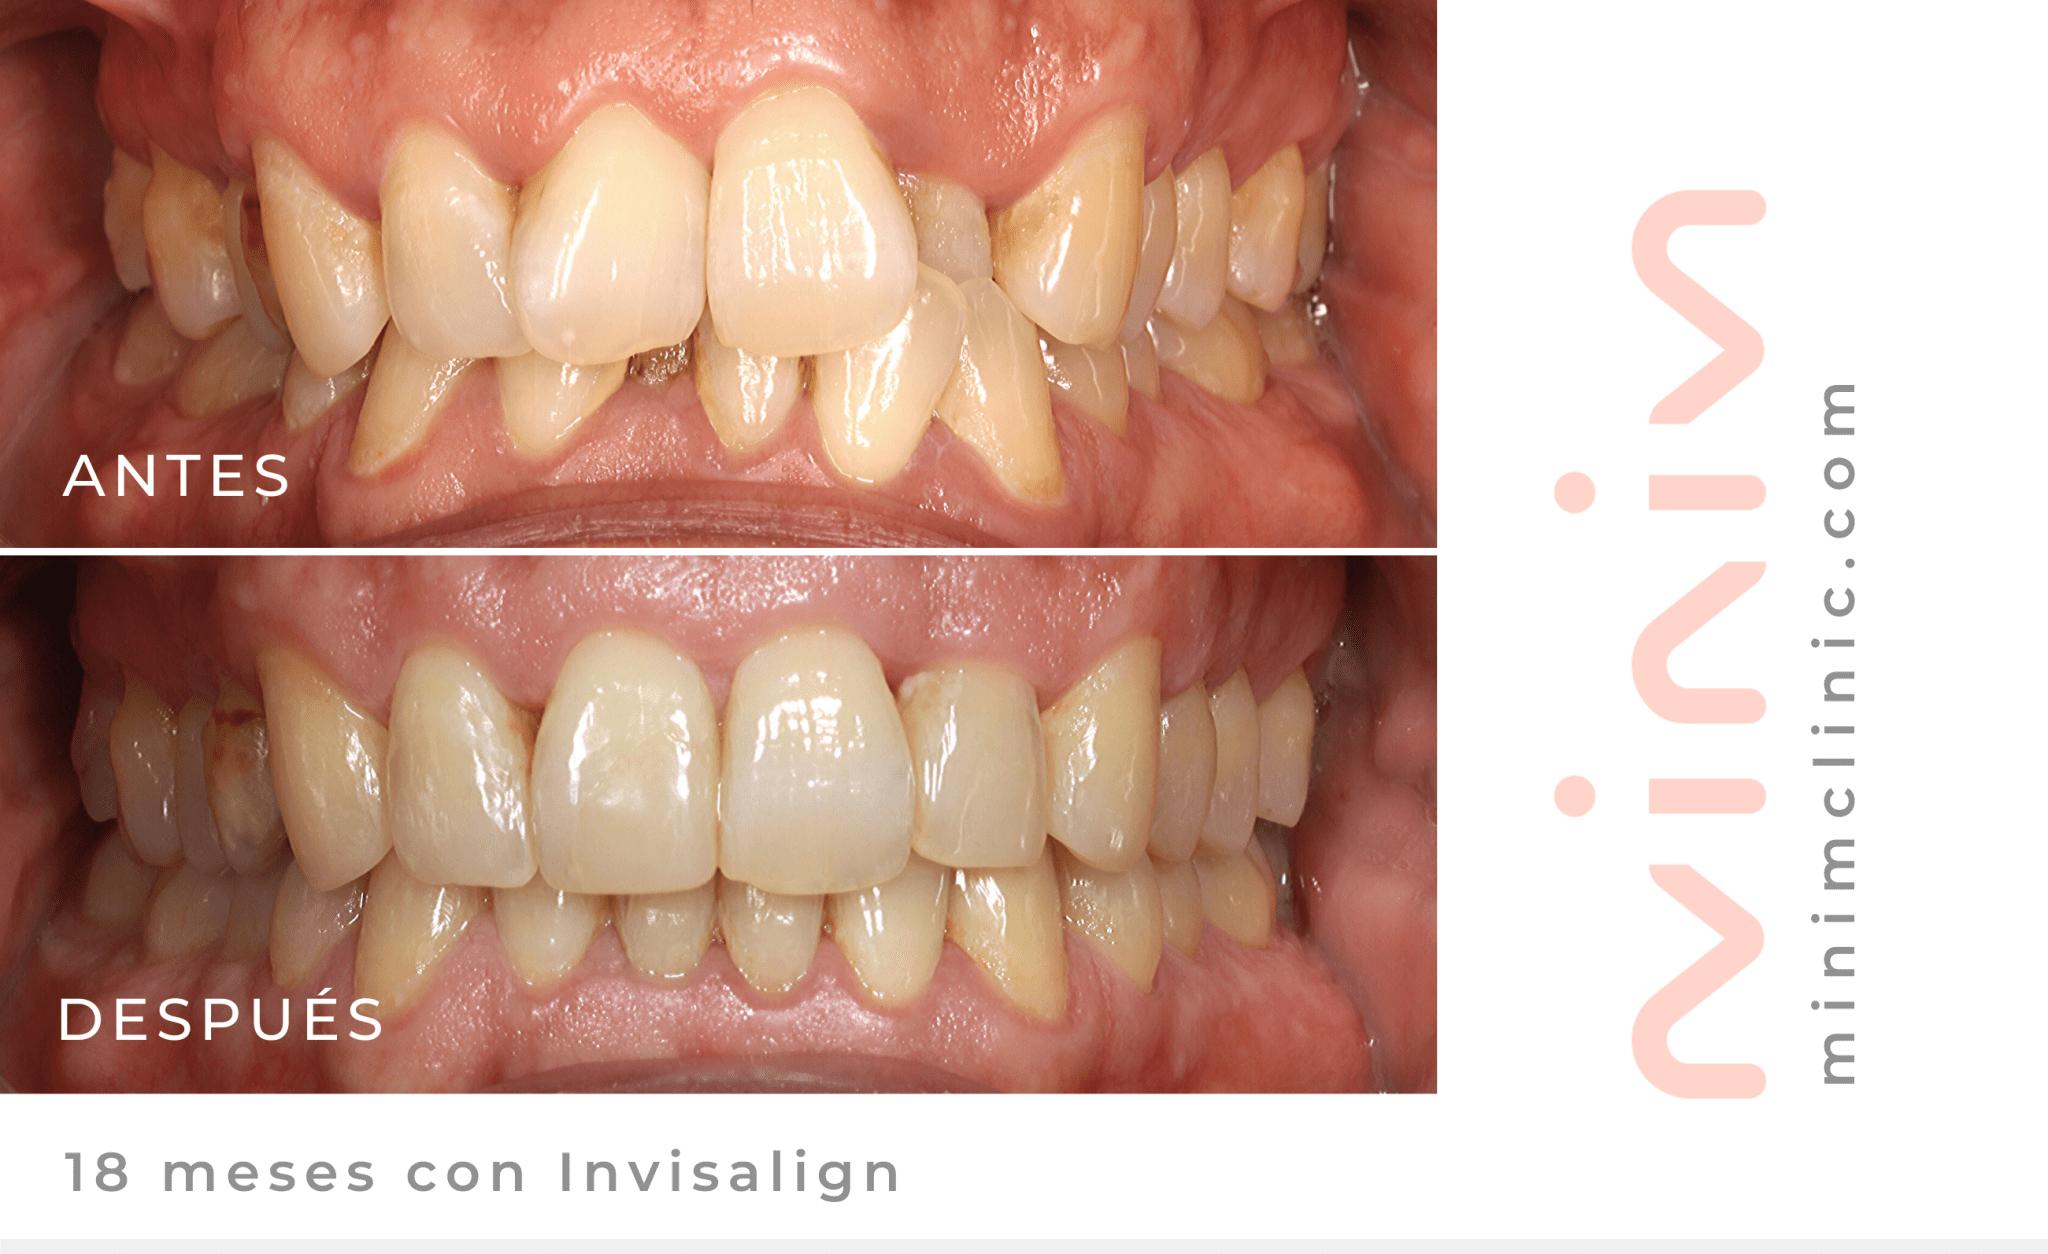 foto de Antes y Después con Invisaline caso antonio apiñamiento dental severo